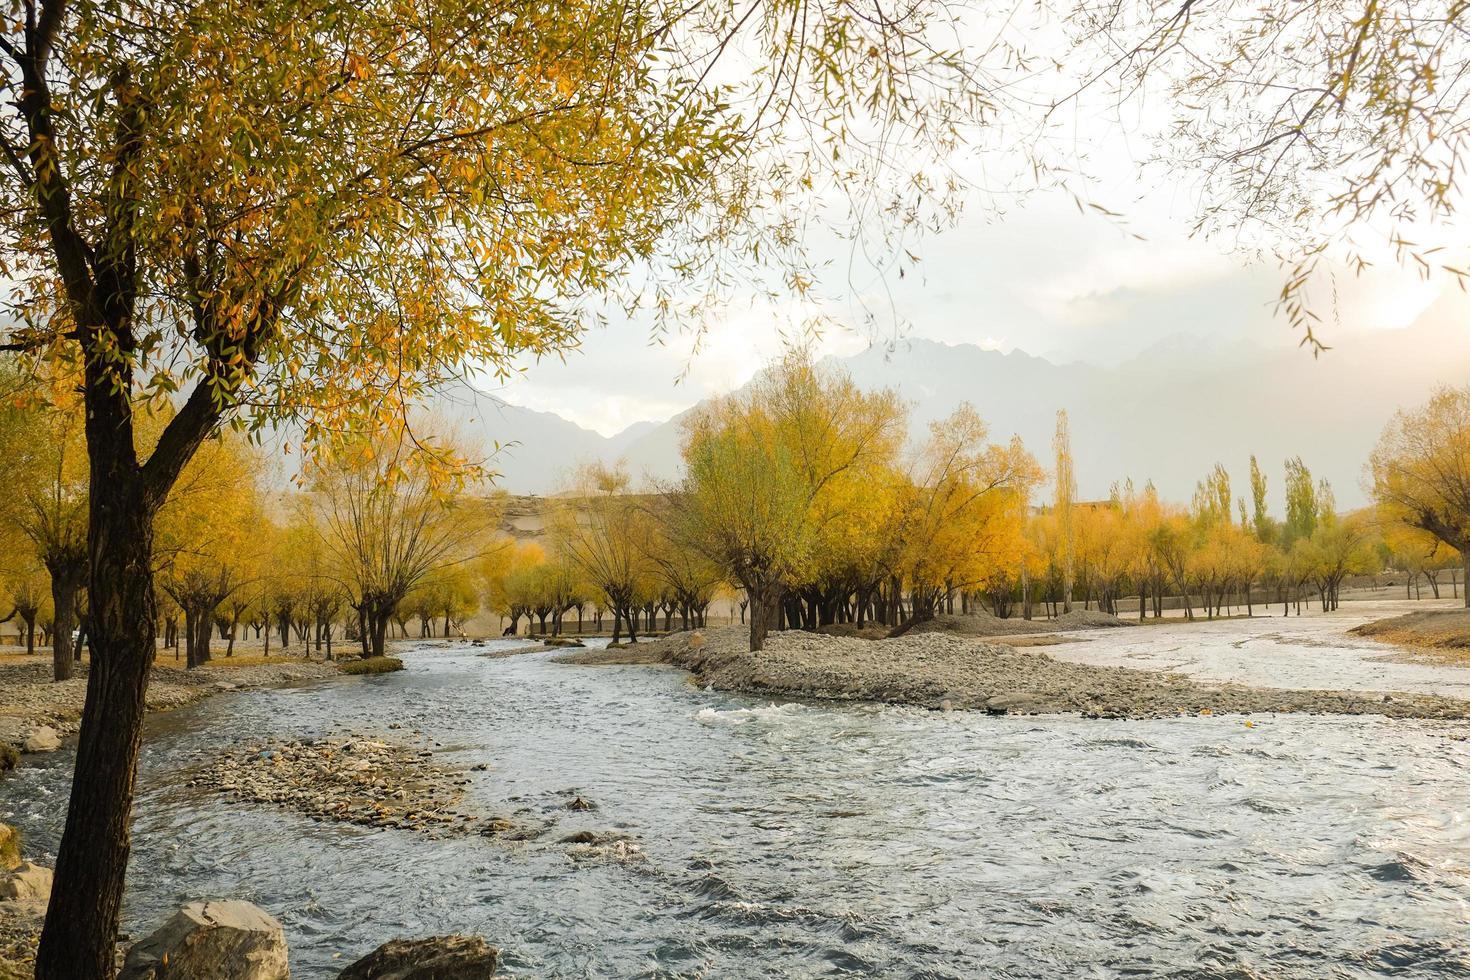 fiume che scorre attraverso fogliame colorato boschetto in autunno foto